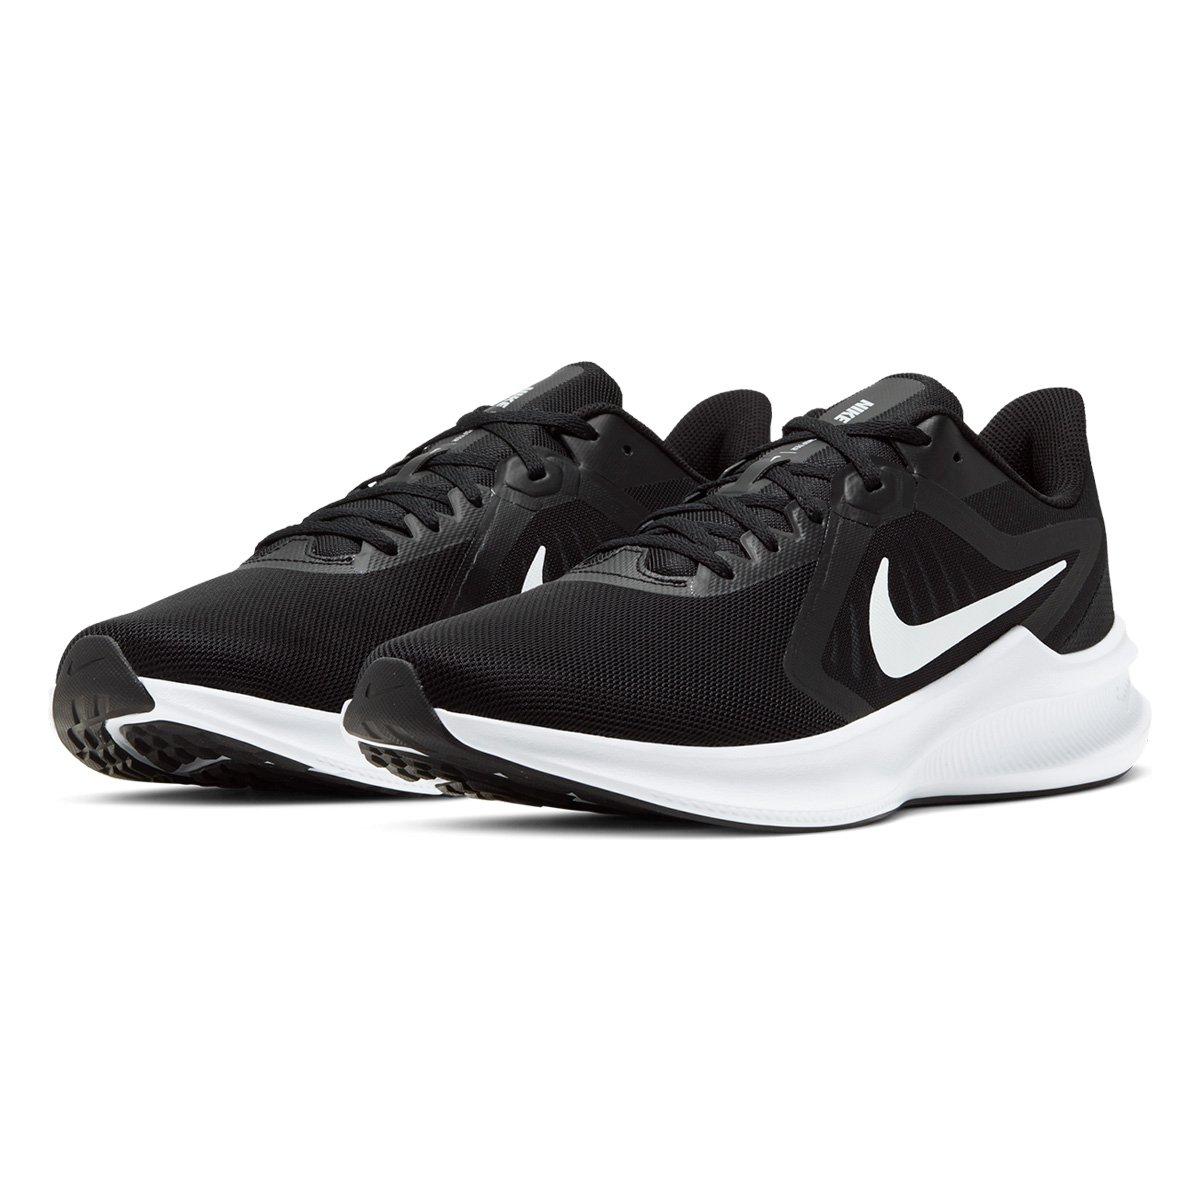 Tenis Masculino Nike Downshifter - Preto/Branco